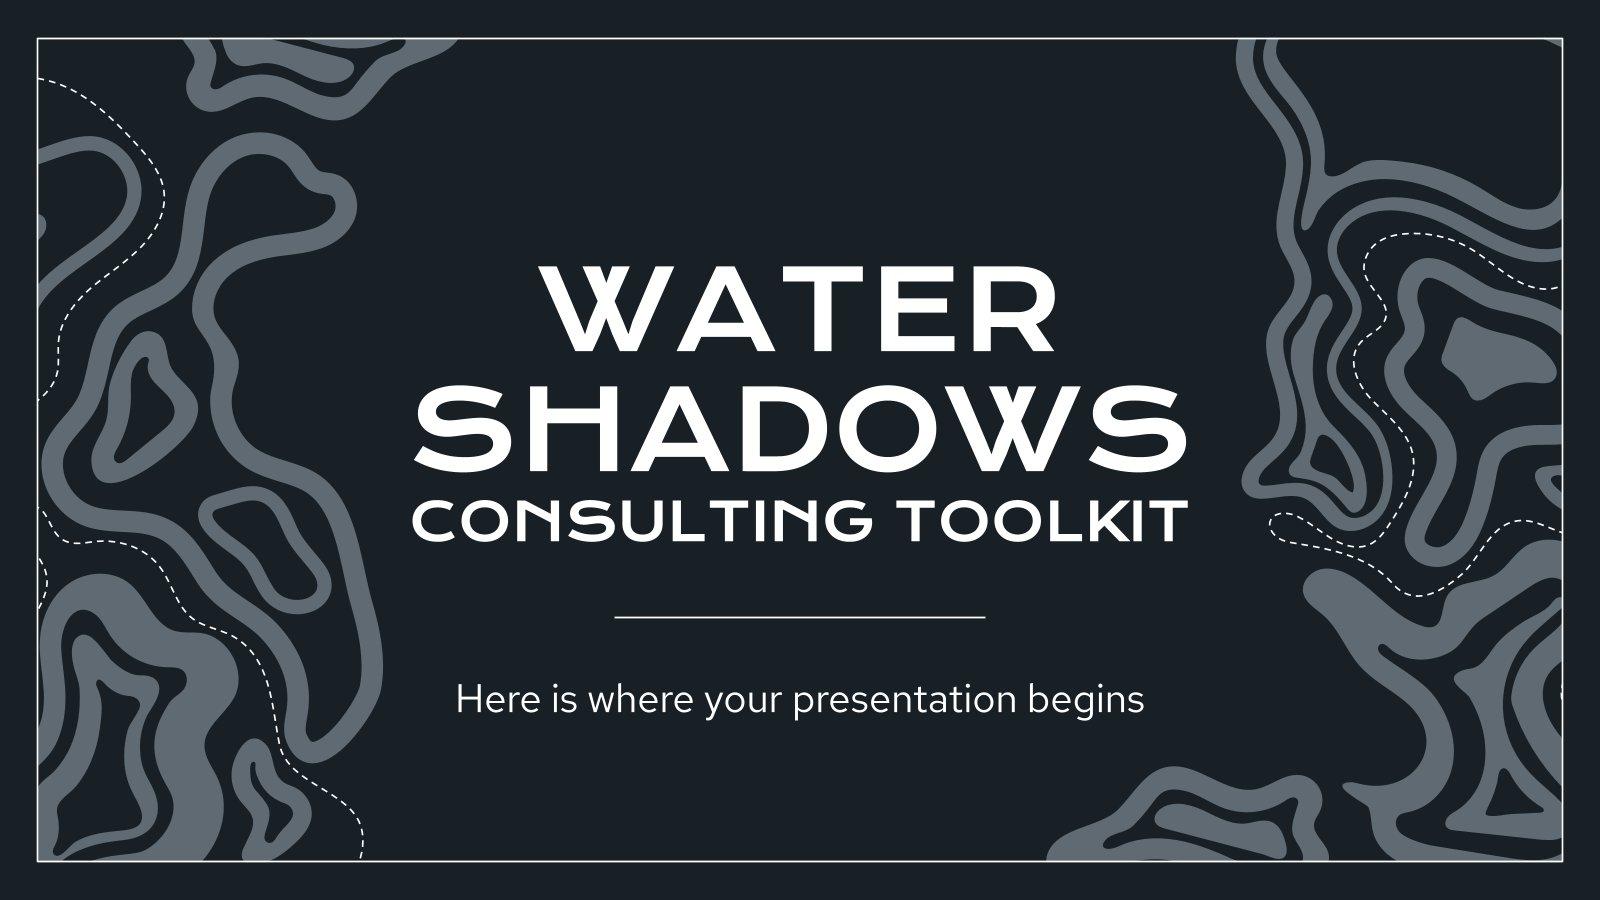 Plantilla de presentación Herramientas de consultoría con sombras de agua